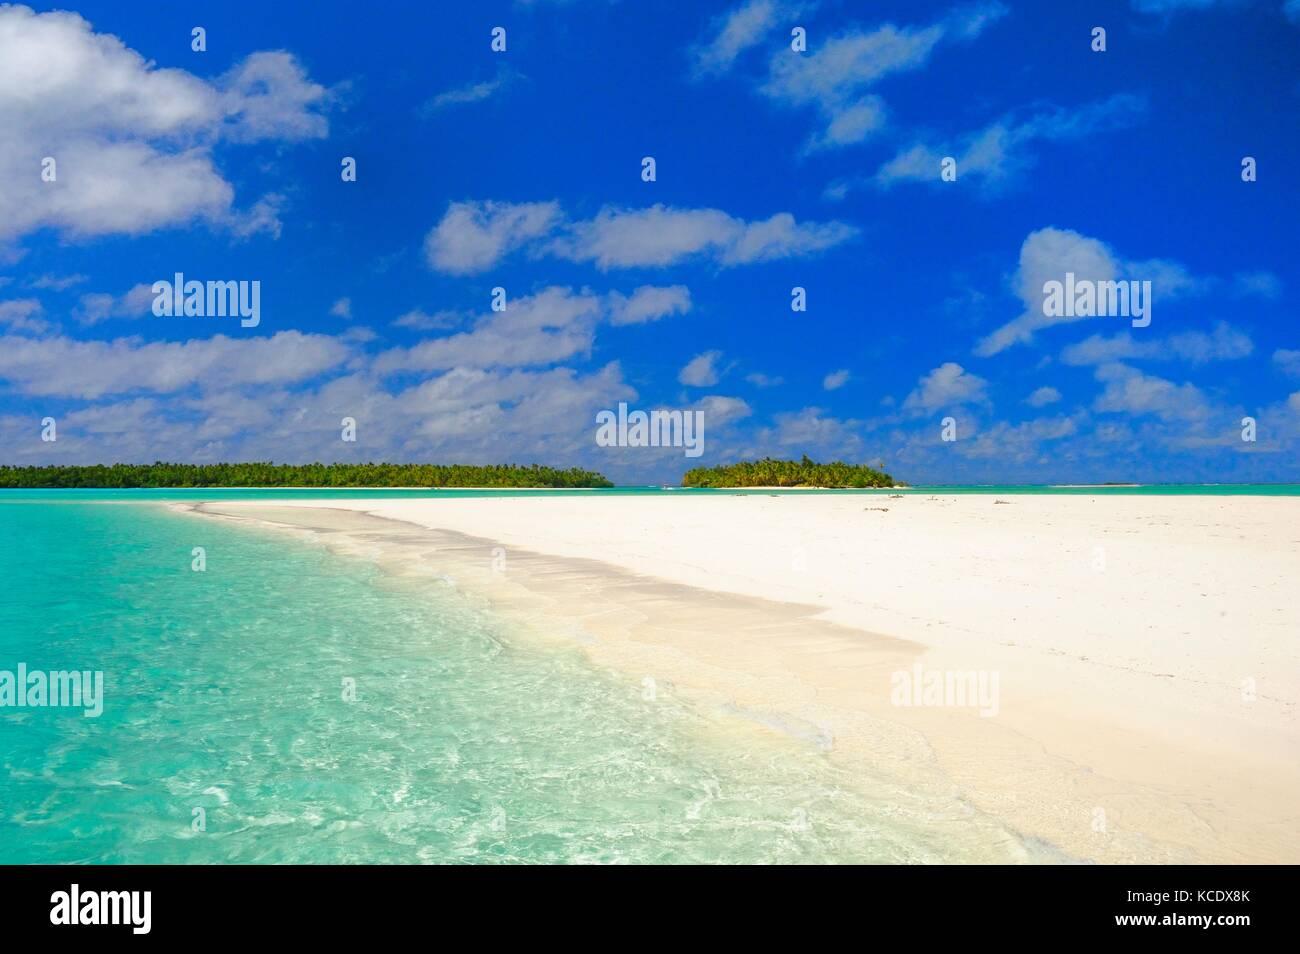 Aitutaki Lagoon sandbar - Stock Image